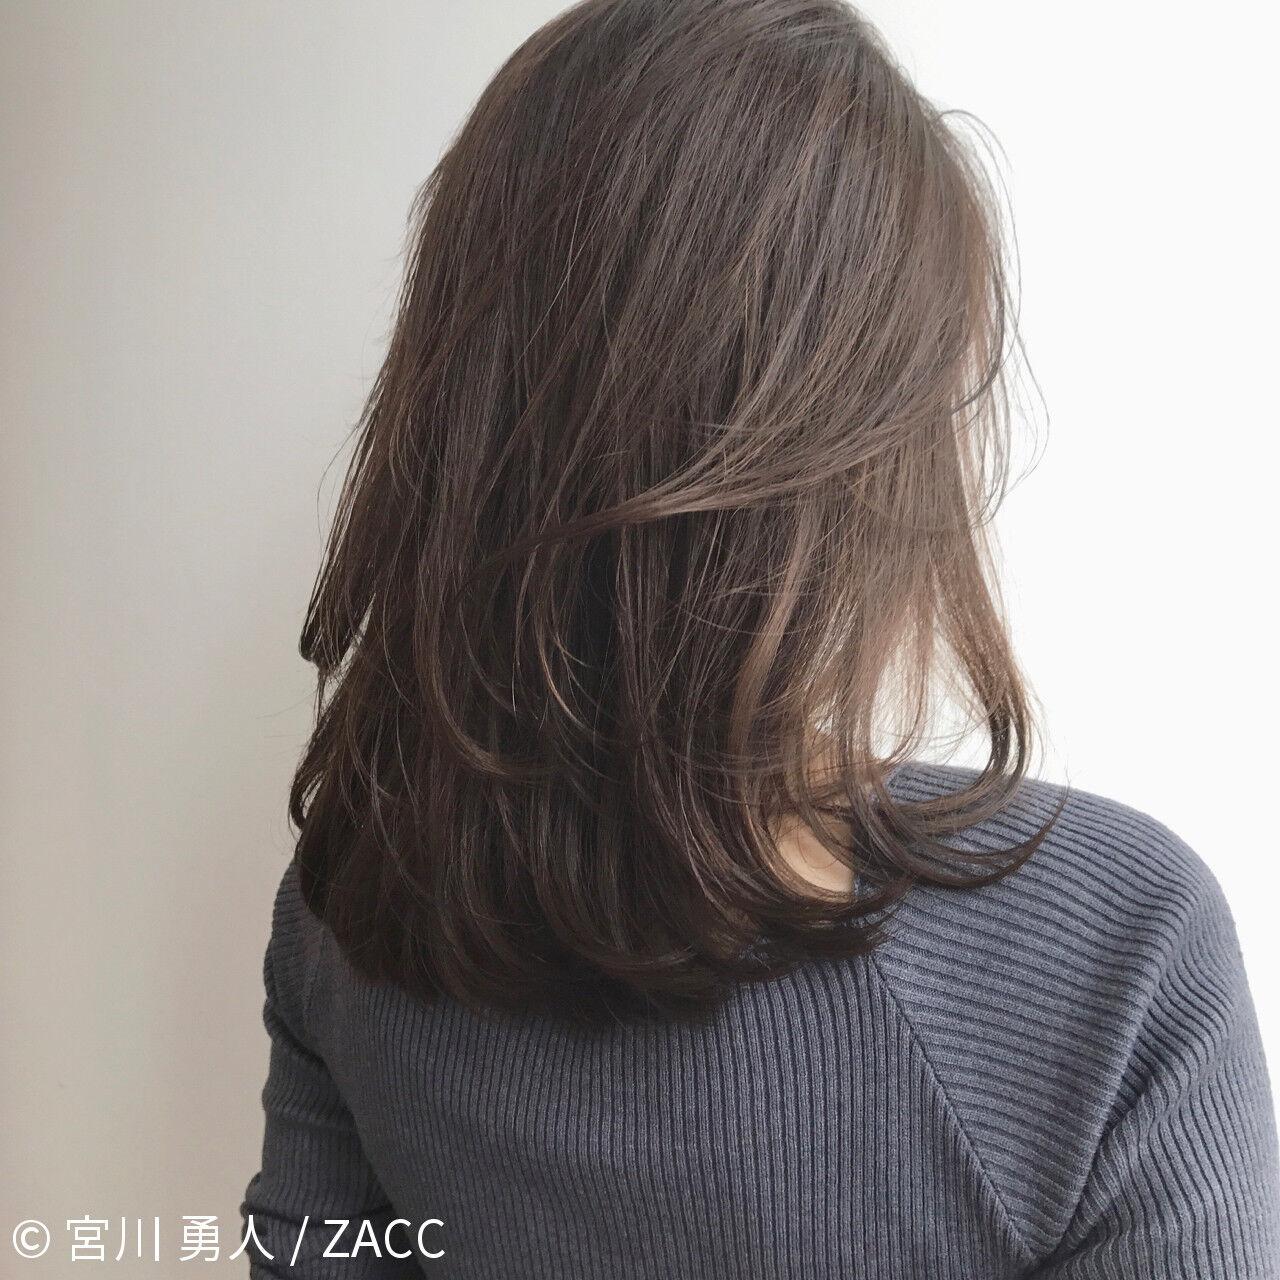 フェミニン コンサバ アッシュ ミルクティーヘアスタイルや髪型の写真・画像